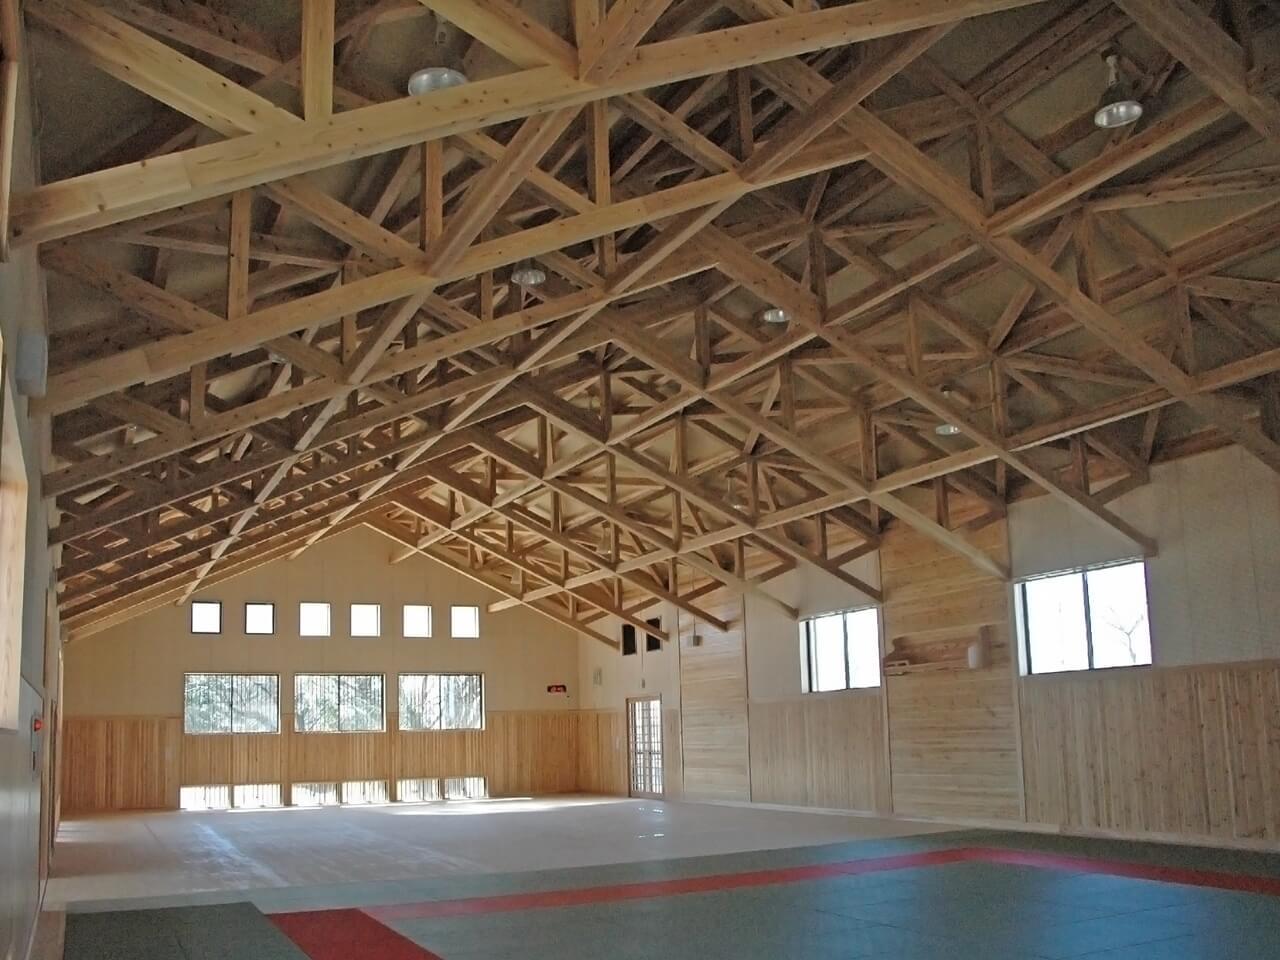 東日本大震災に耐えた木造トラス構造の体育館 ついに解体か!